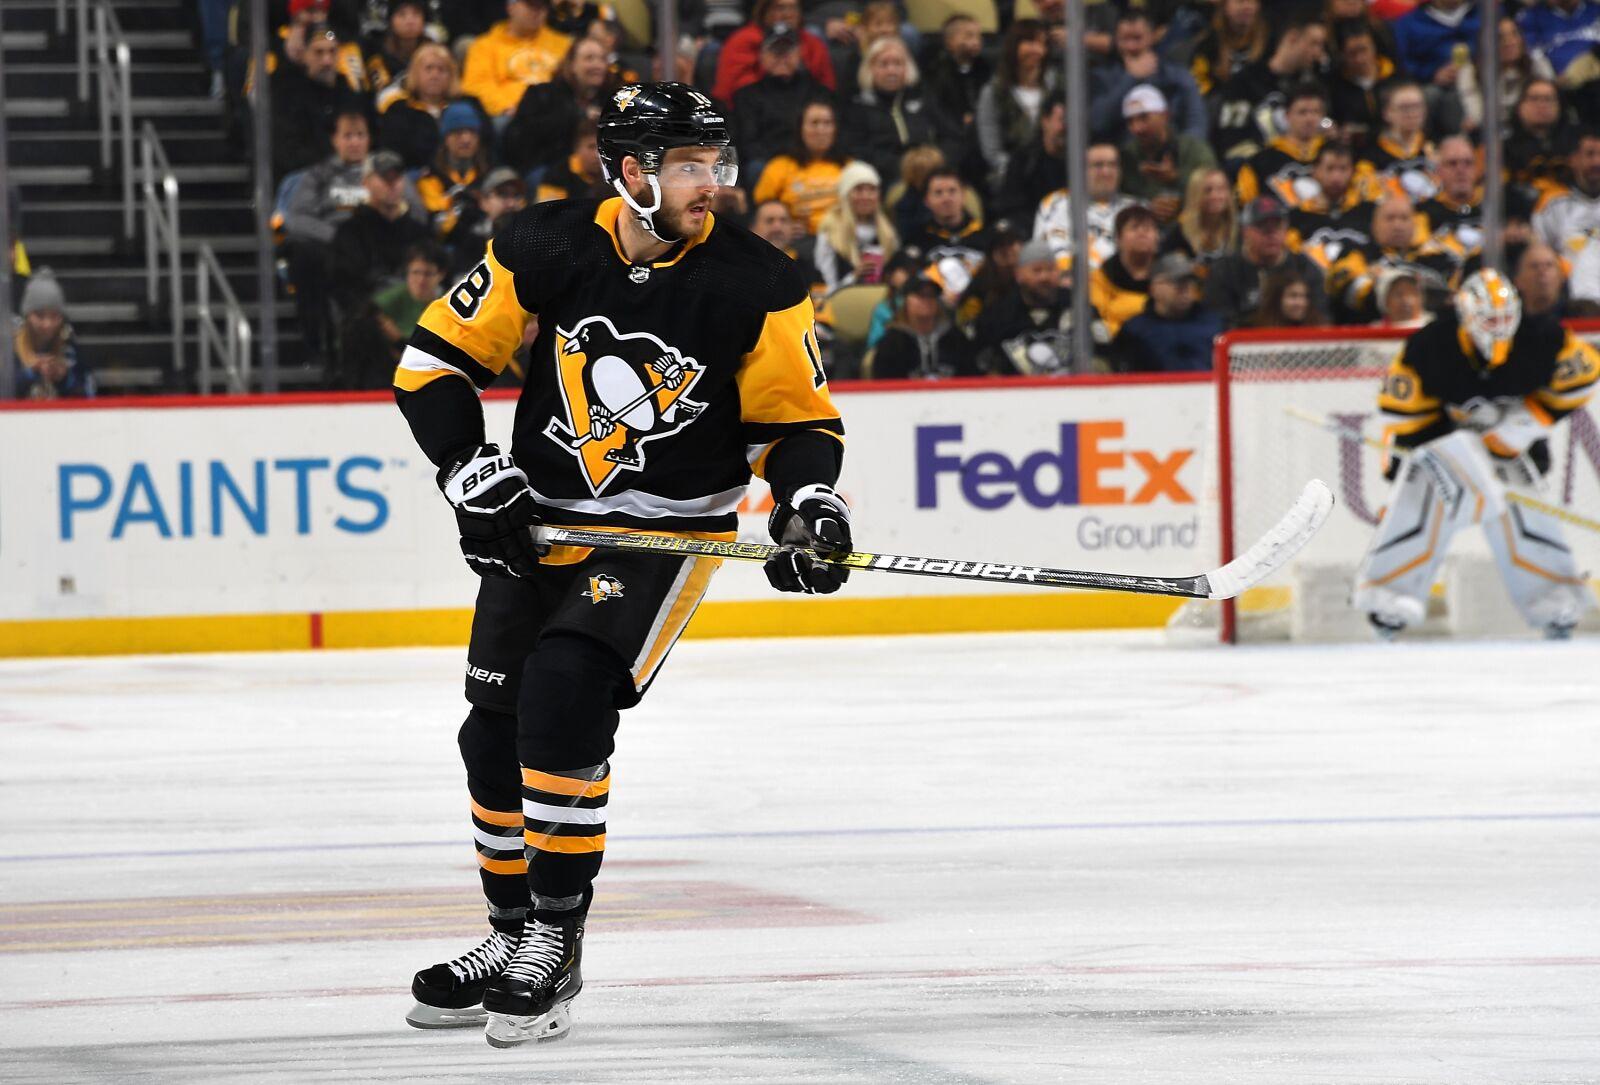 Canucks should pursue a trade for Alex Galchenyuk